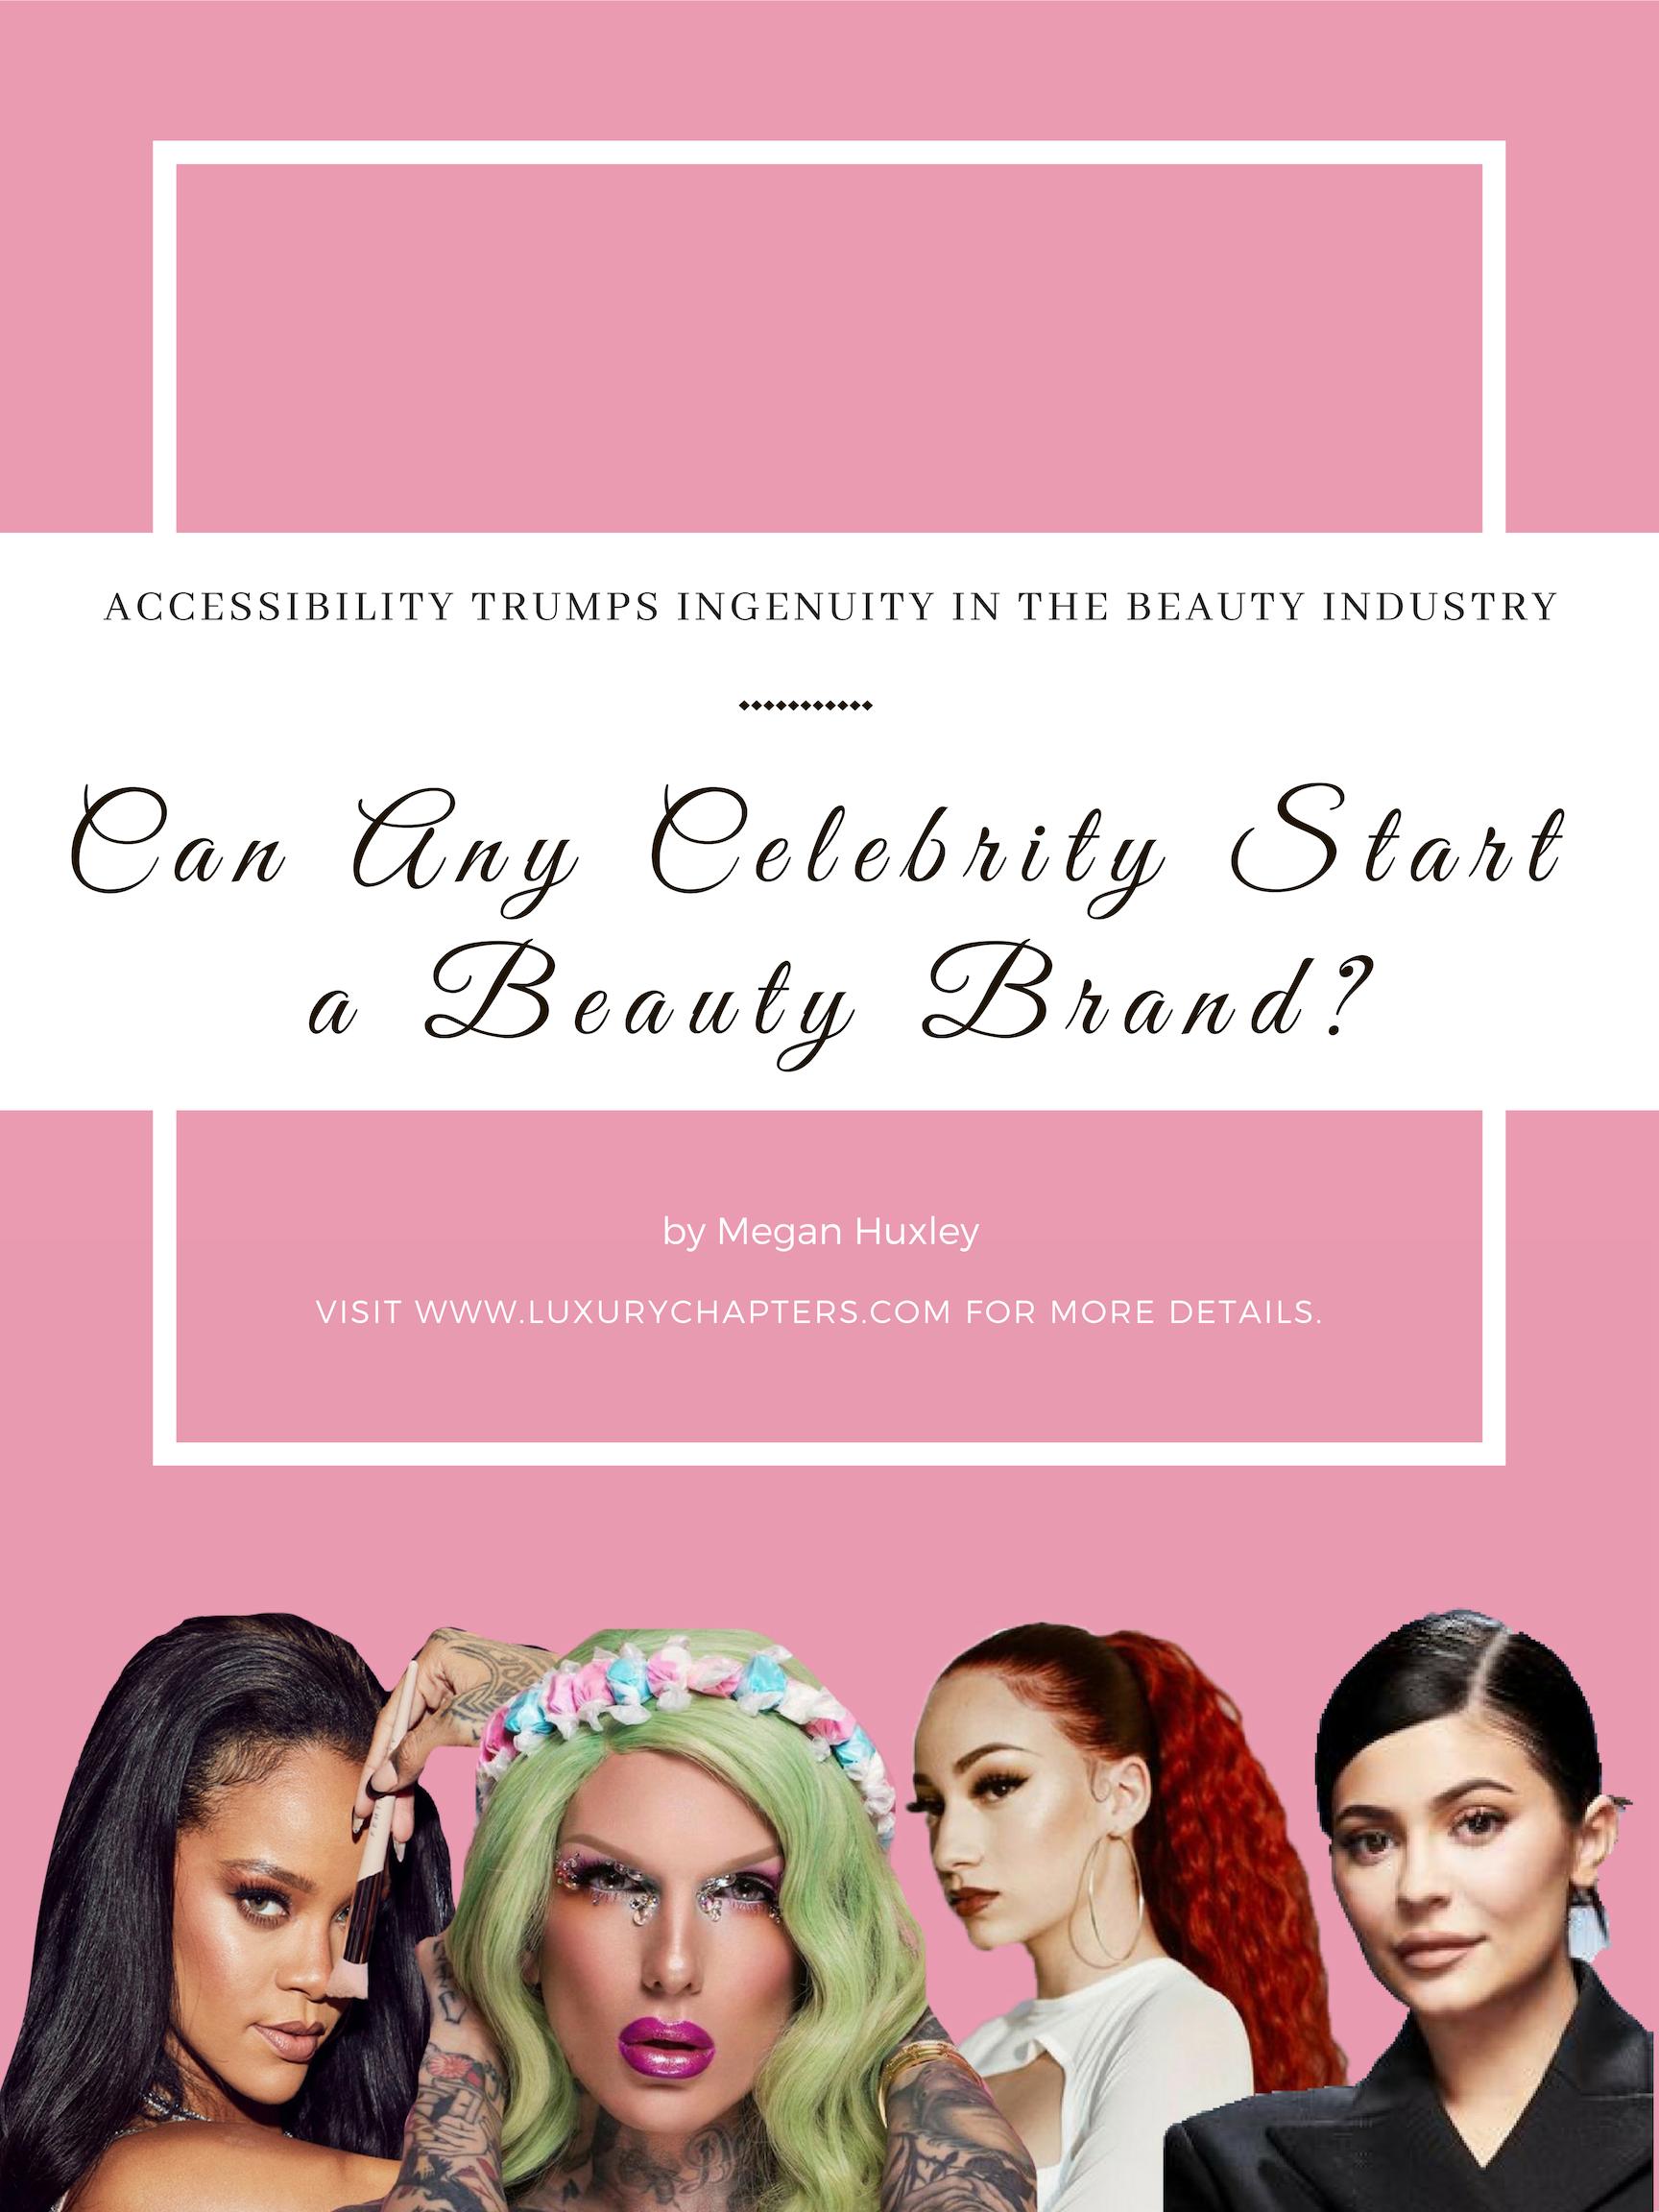 A deep dive in celebrity beauty brands like Jeffree Star